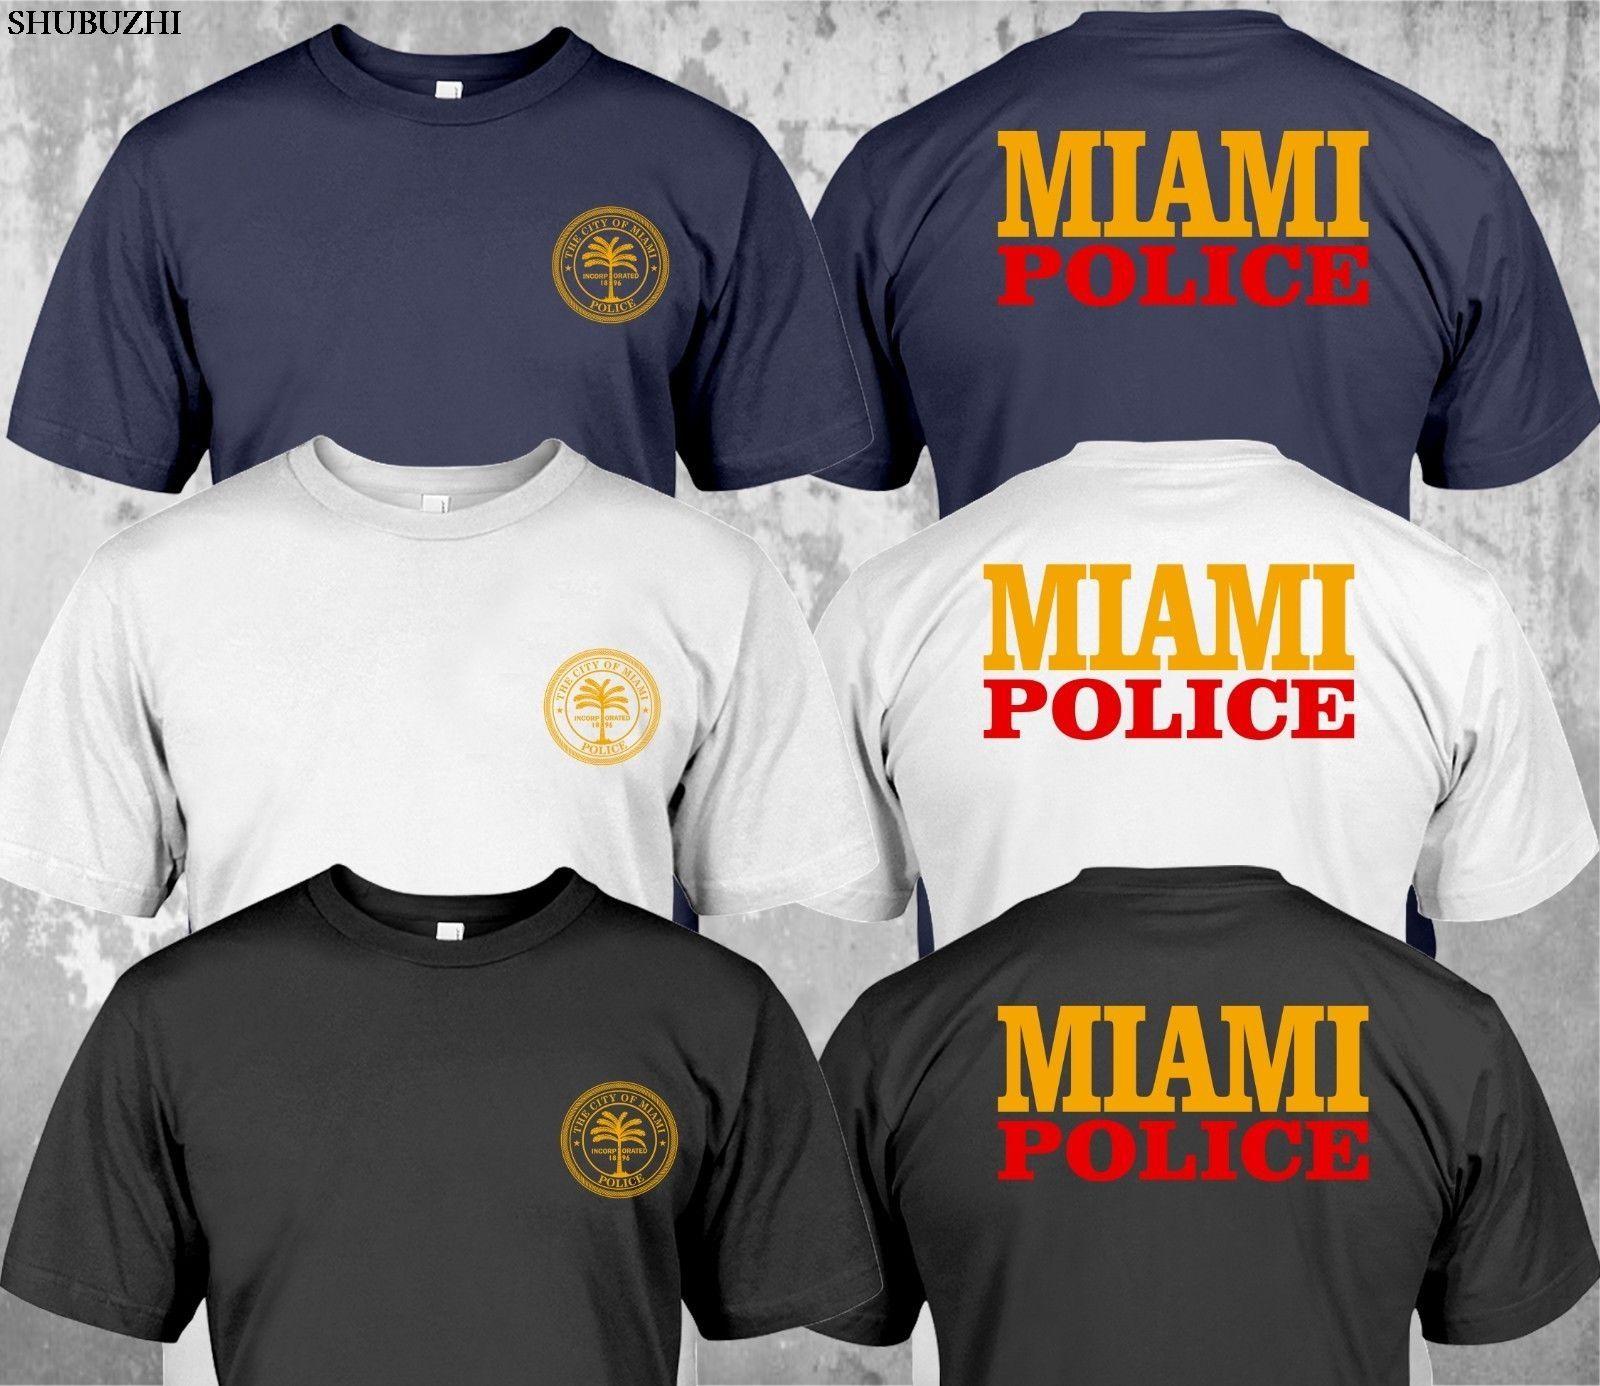 POLİTİKALARI Bölümü - erkek marka tee-shirt için gömlek moda pamuklu tişört t Özel Tişört harajuku komik t shirt mens